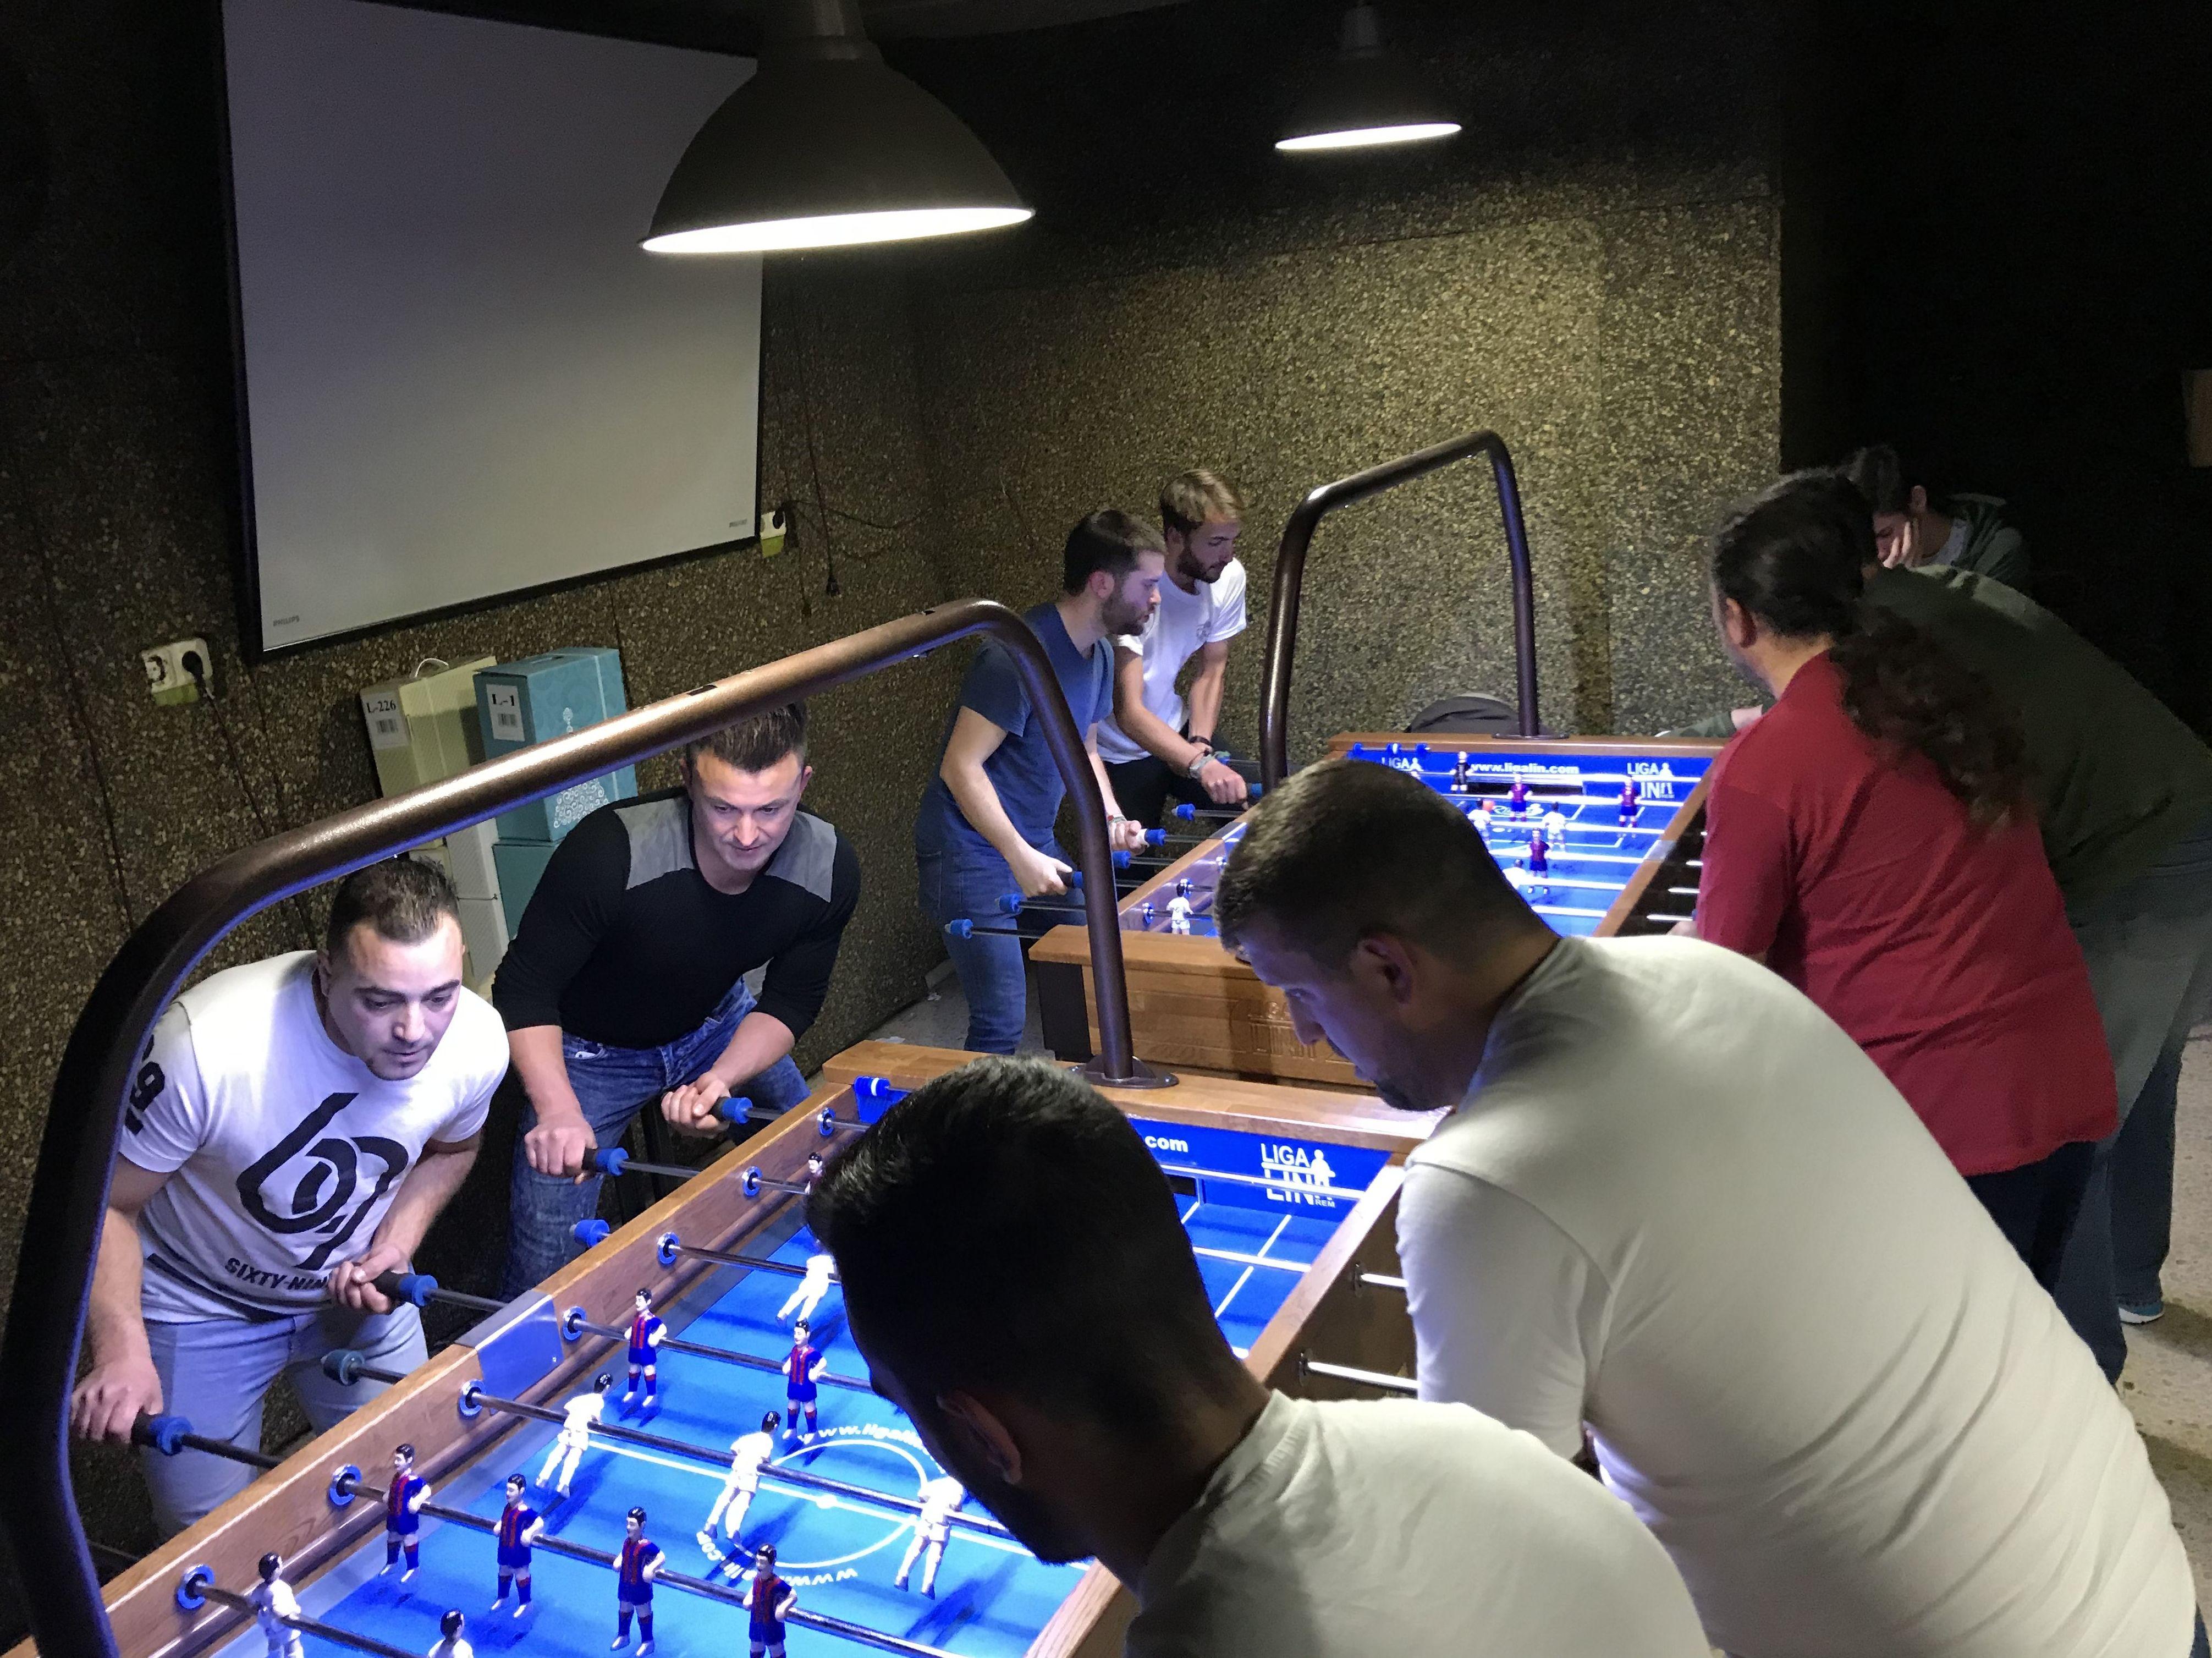 Foto torneo de futbolín REM